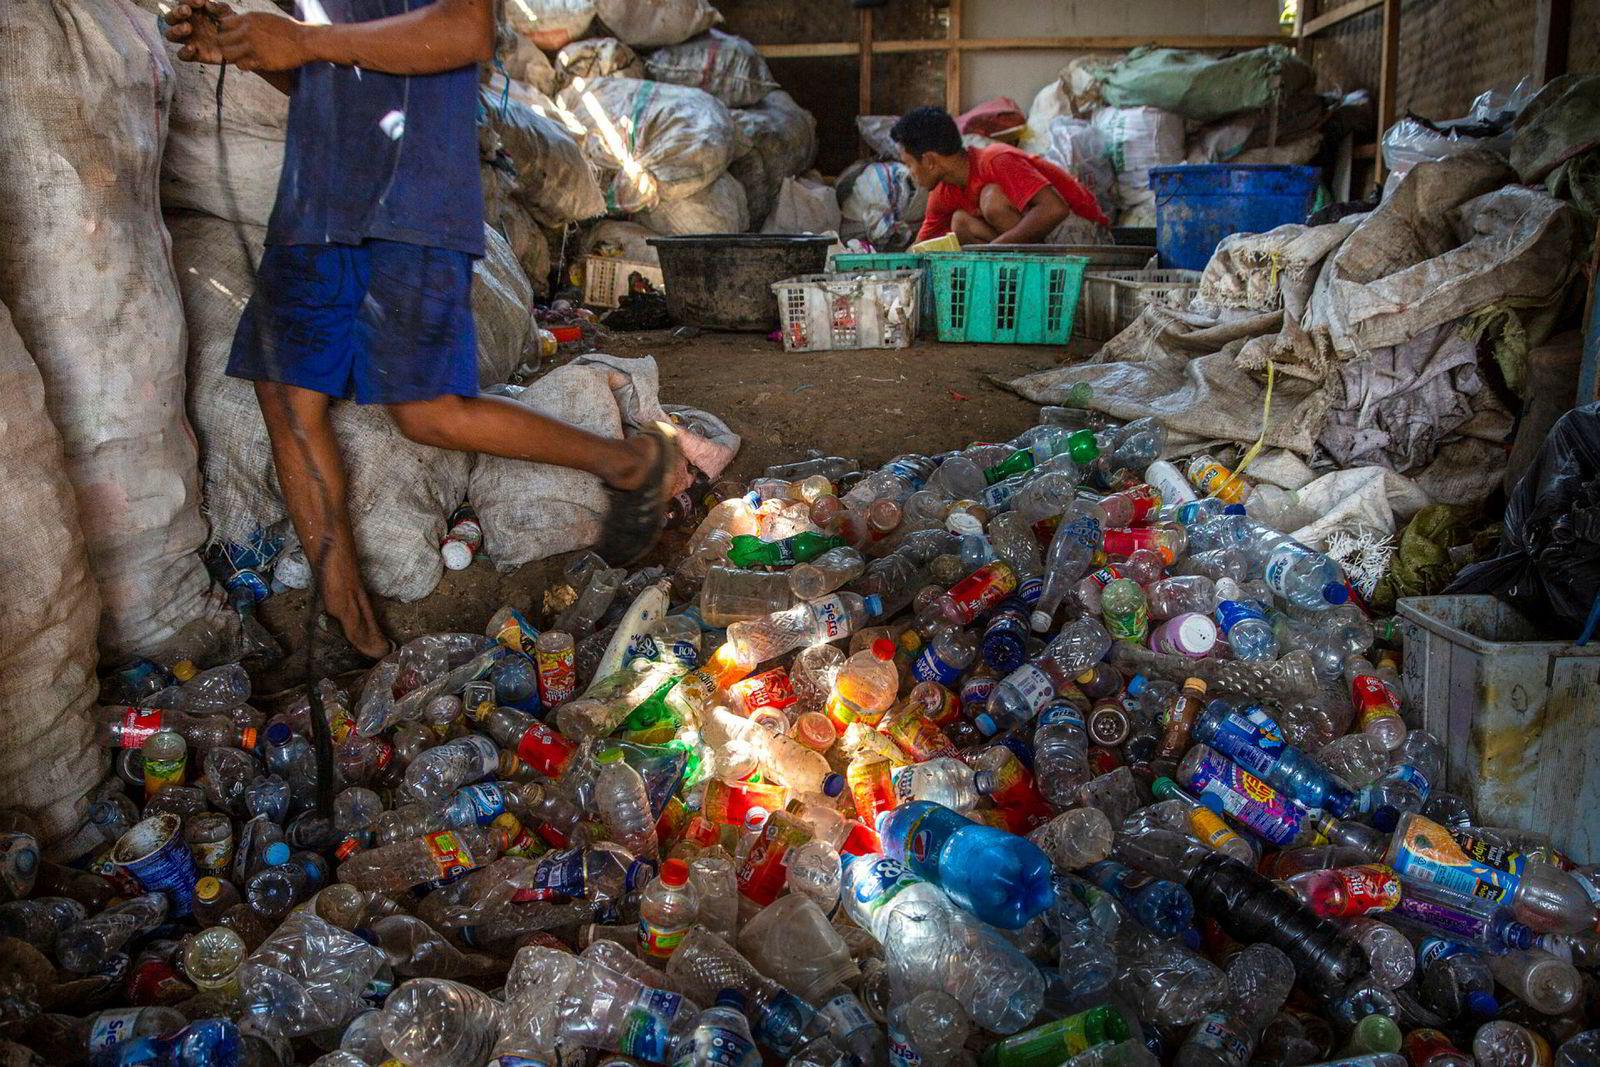 En mann sorterer plastavfall som han senere vil selge. Alt er hentet opp fra Citarum, verdens mest forurensede elv, ifølge Verdensbanken.